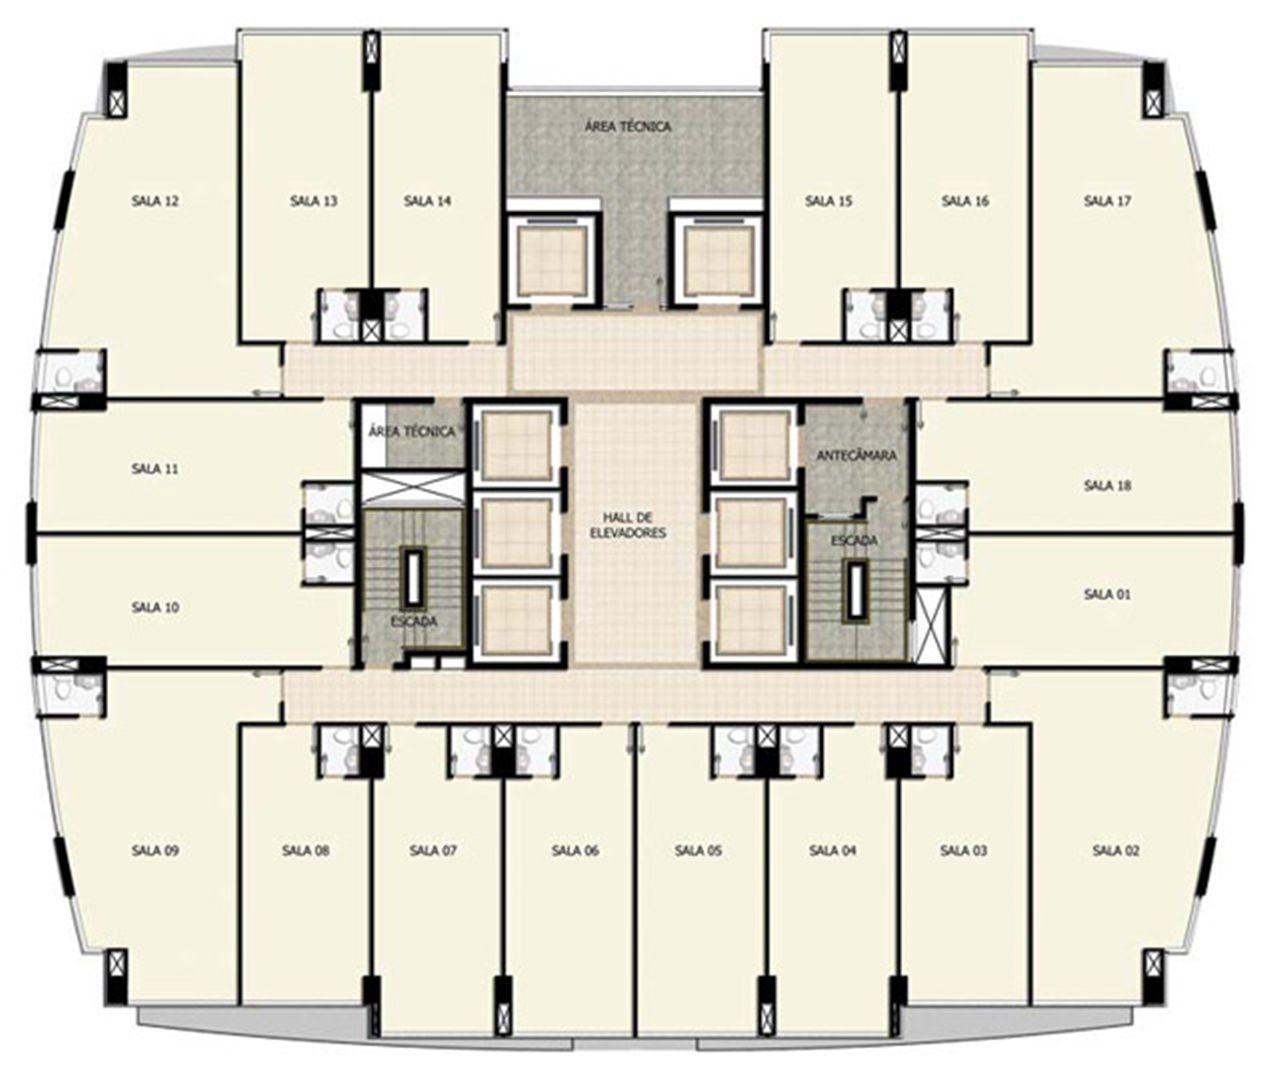 Planta Tipo 7º a 24º pavimento | Salvador Shopping Business – Salas Comerciais  Ao lado do Salvador Shopping - Salvador - Bahia